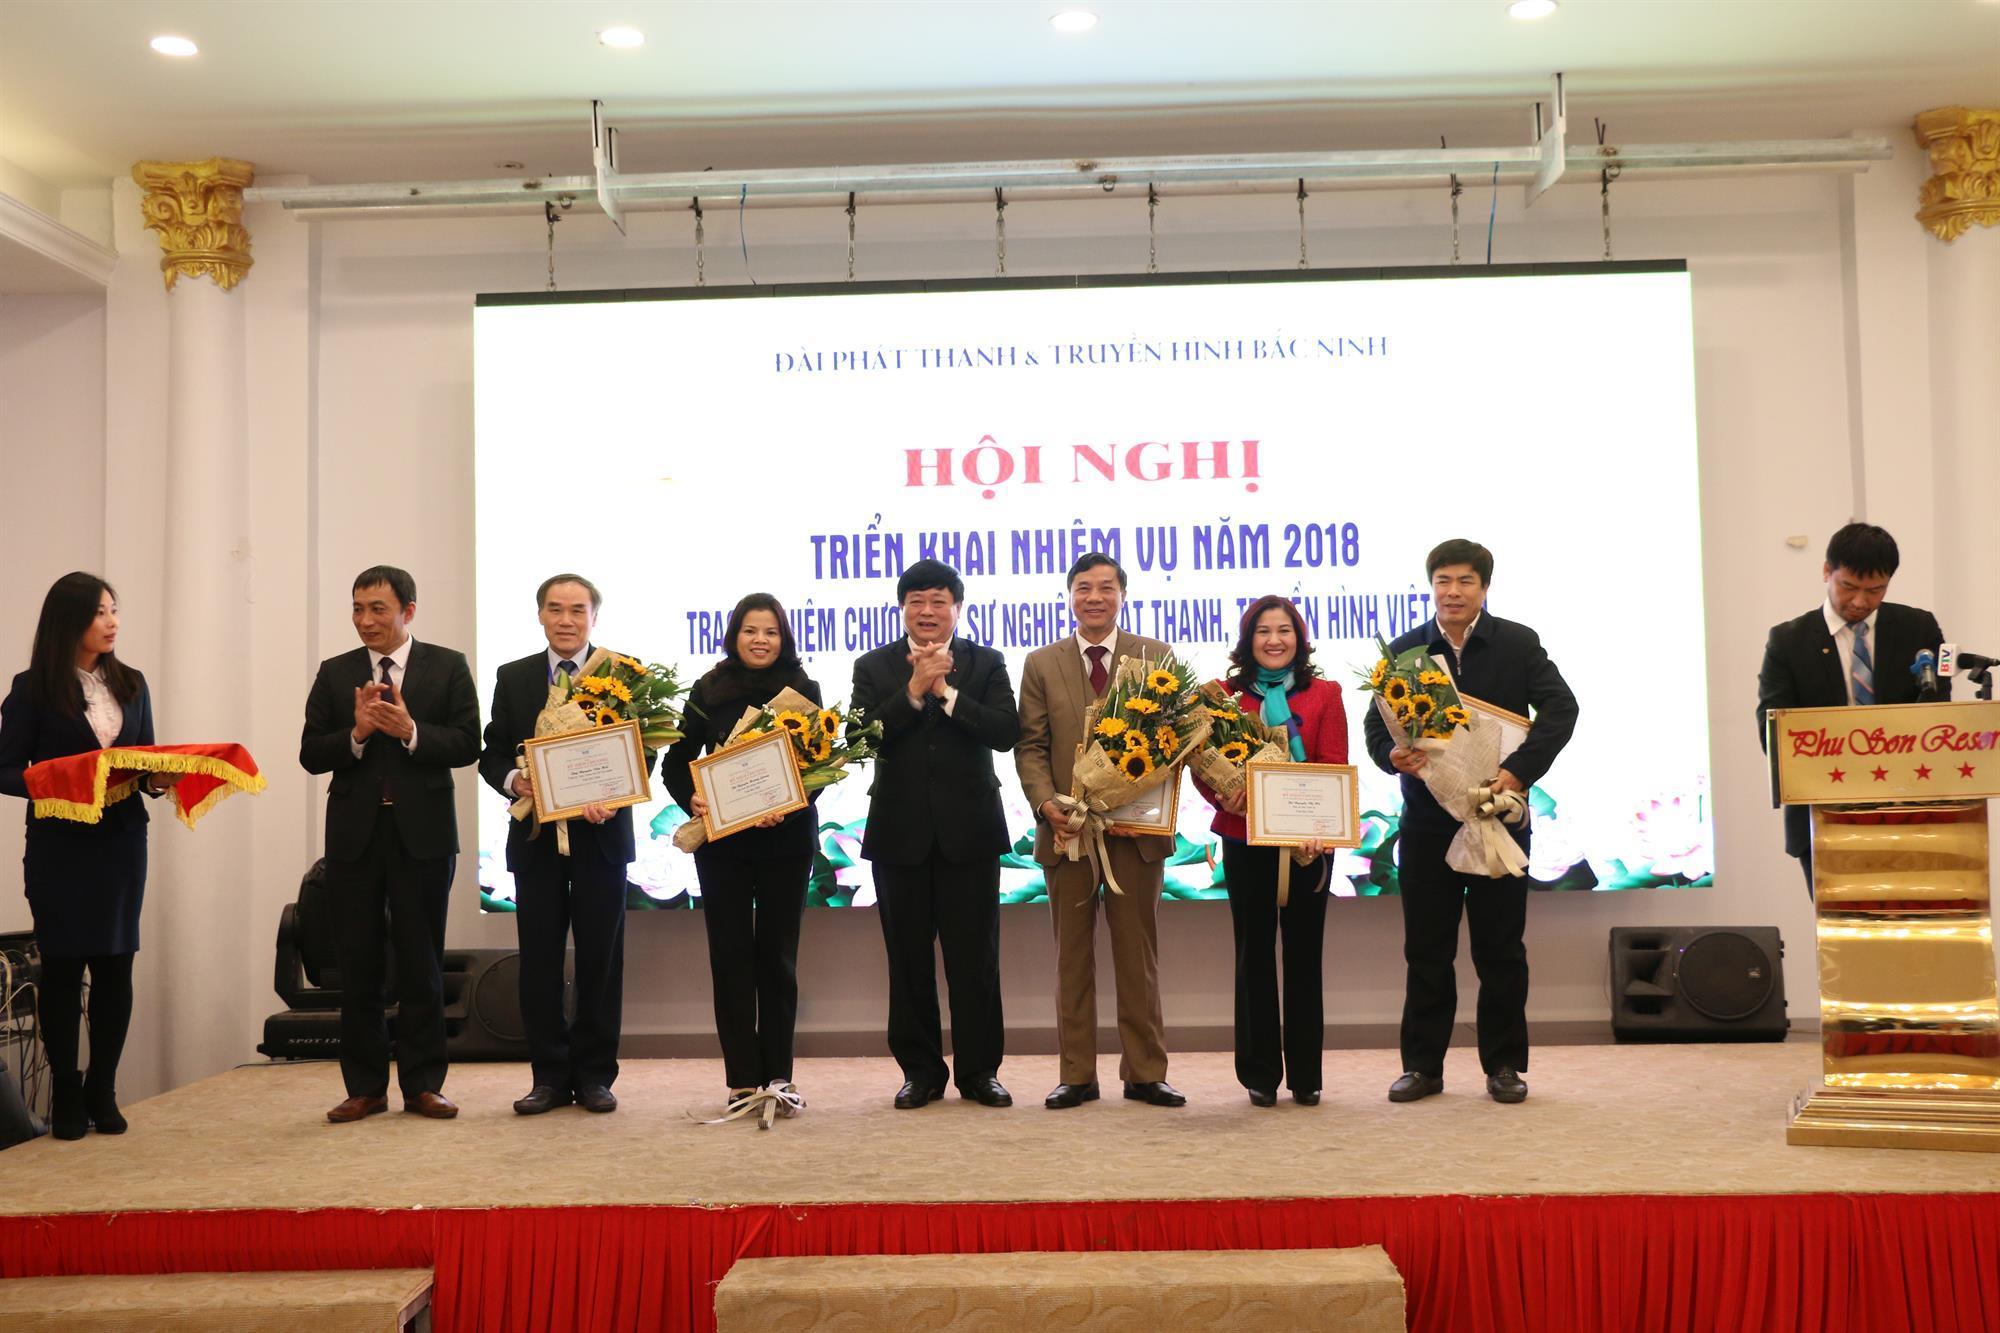 Đài PT&TH Bắc Ninh triển khai nhiệm vụ năm 2018